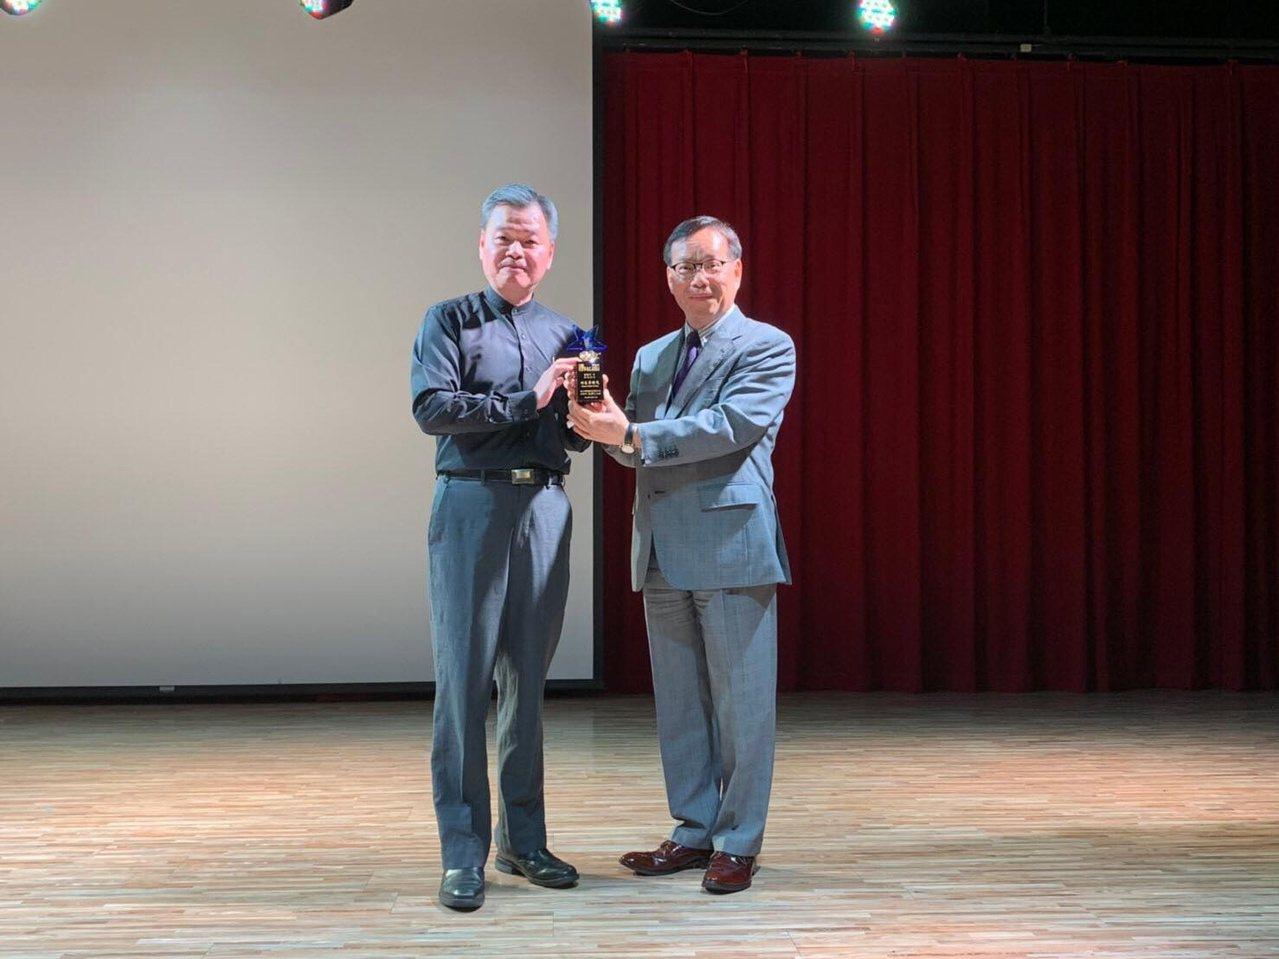 在職場闖蕩約30年,唐晞宇(左)在職場奠定豐厚人脈,他說,人際關係也是退休生活不...